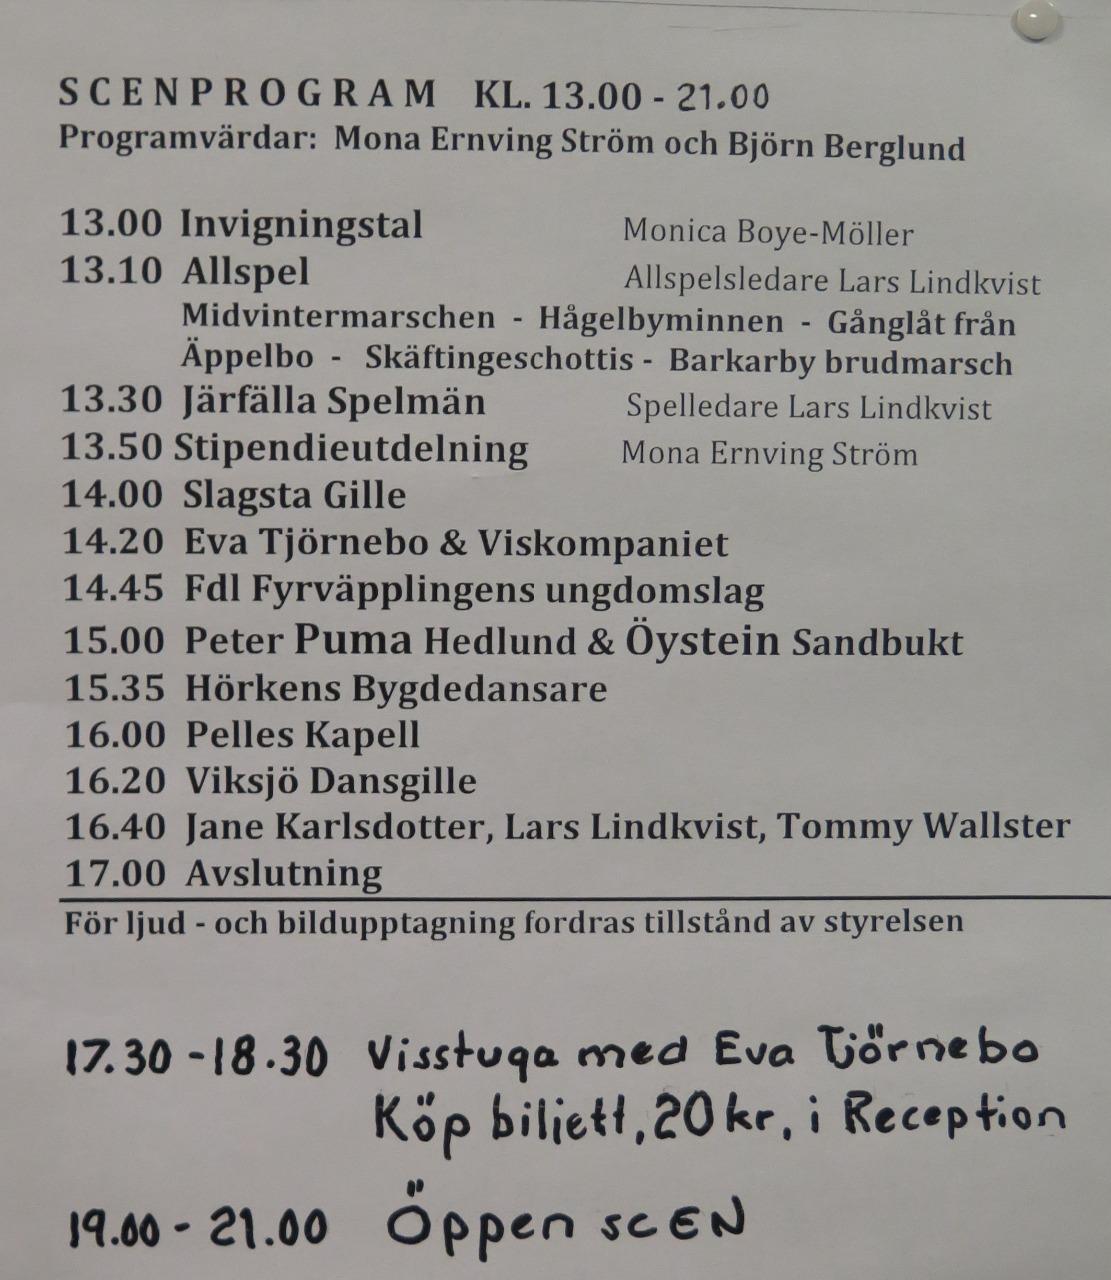 Mats Lundblads Gammaldans gada.se